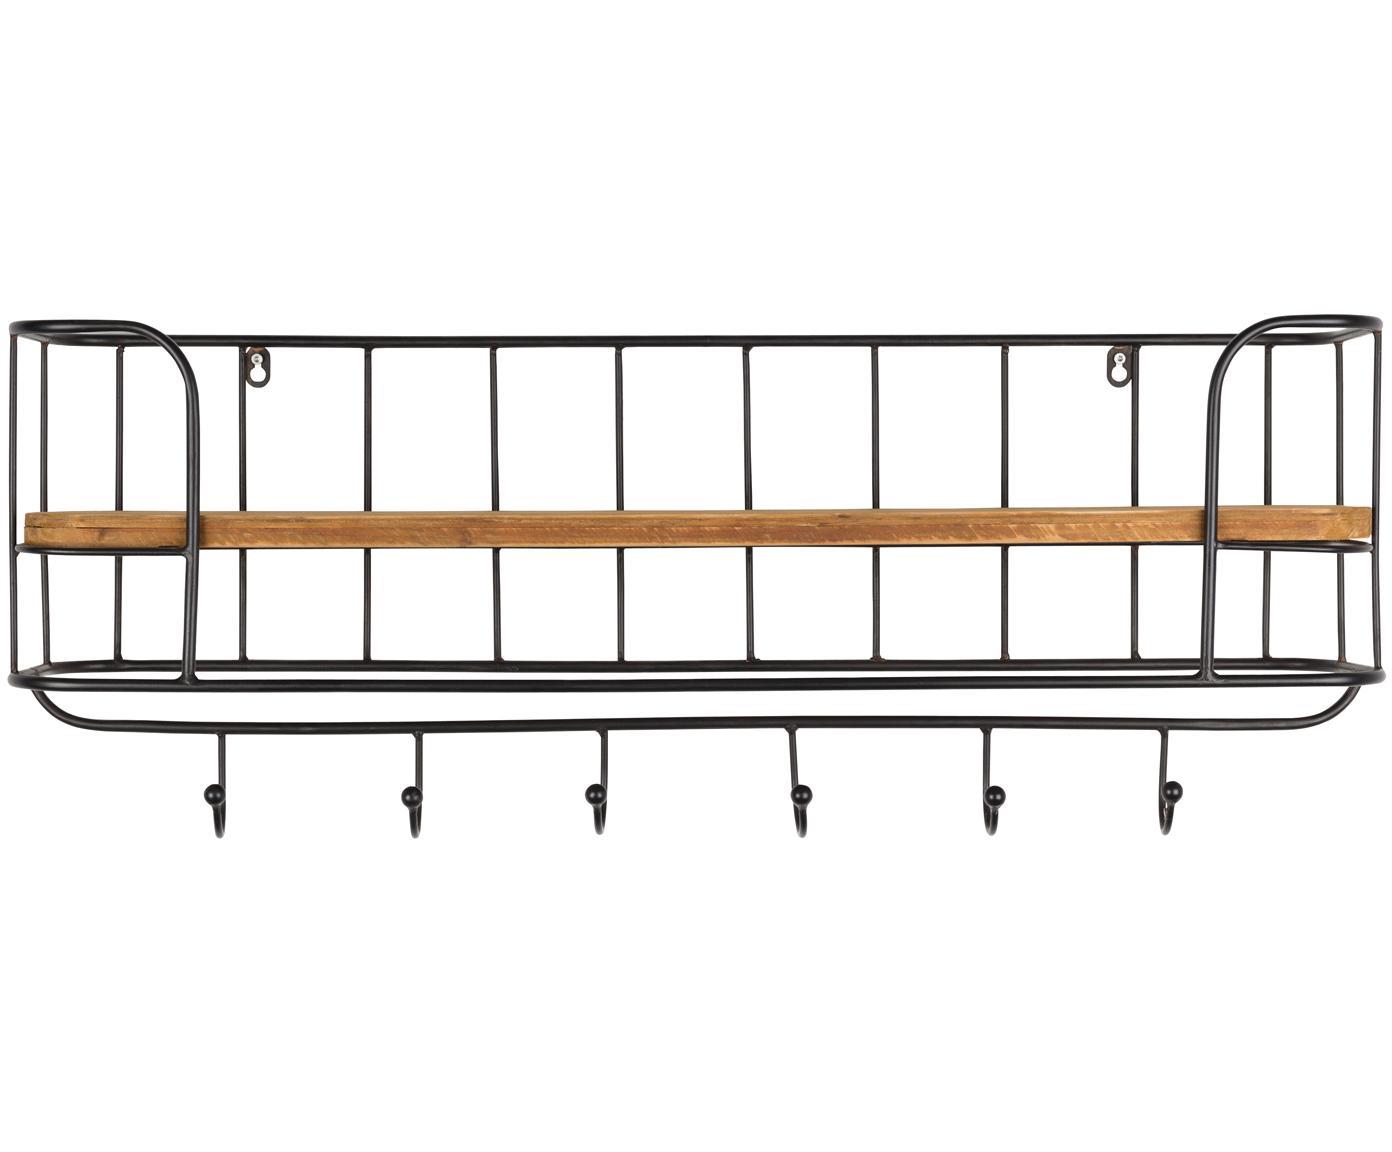 Wandregal Stack mit Haken, Gestell: Metall, lackiert, Ablagefläche: Holz, unbehandelt, Gestell: Schwarz<br>Ablagefläche: Braun, 85 x 32 cm